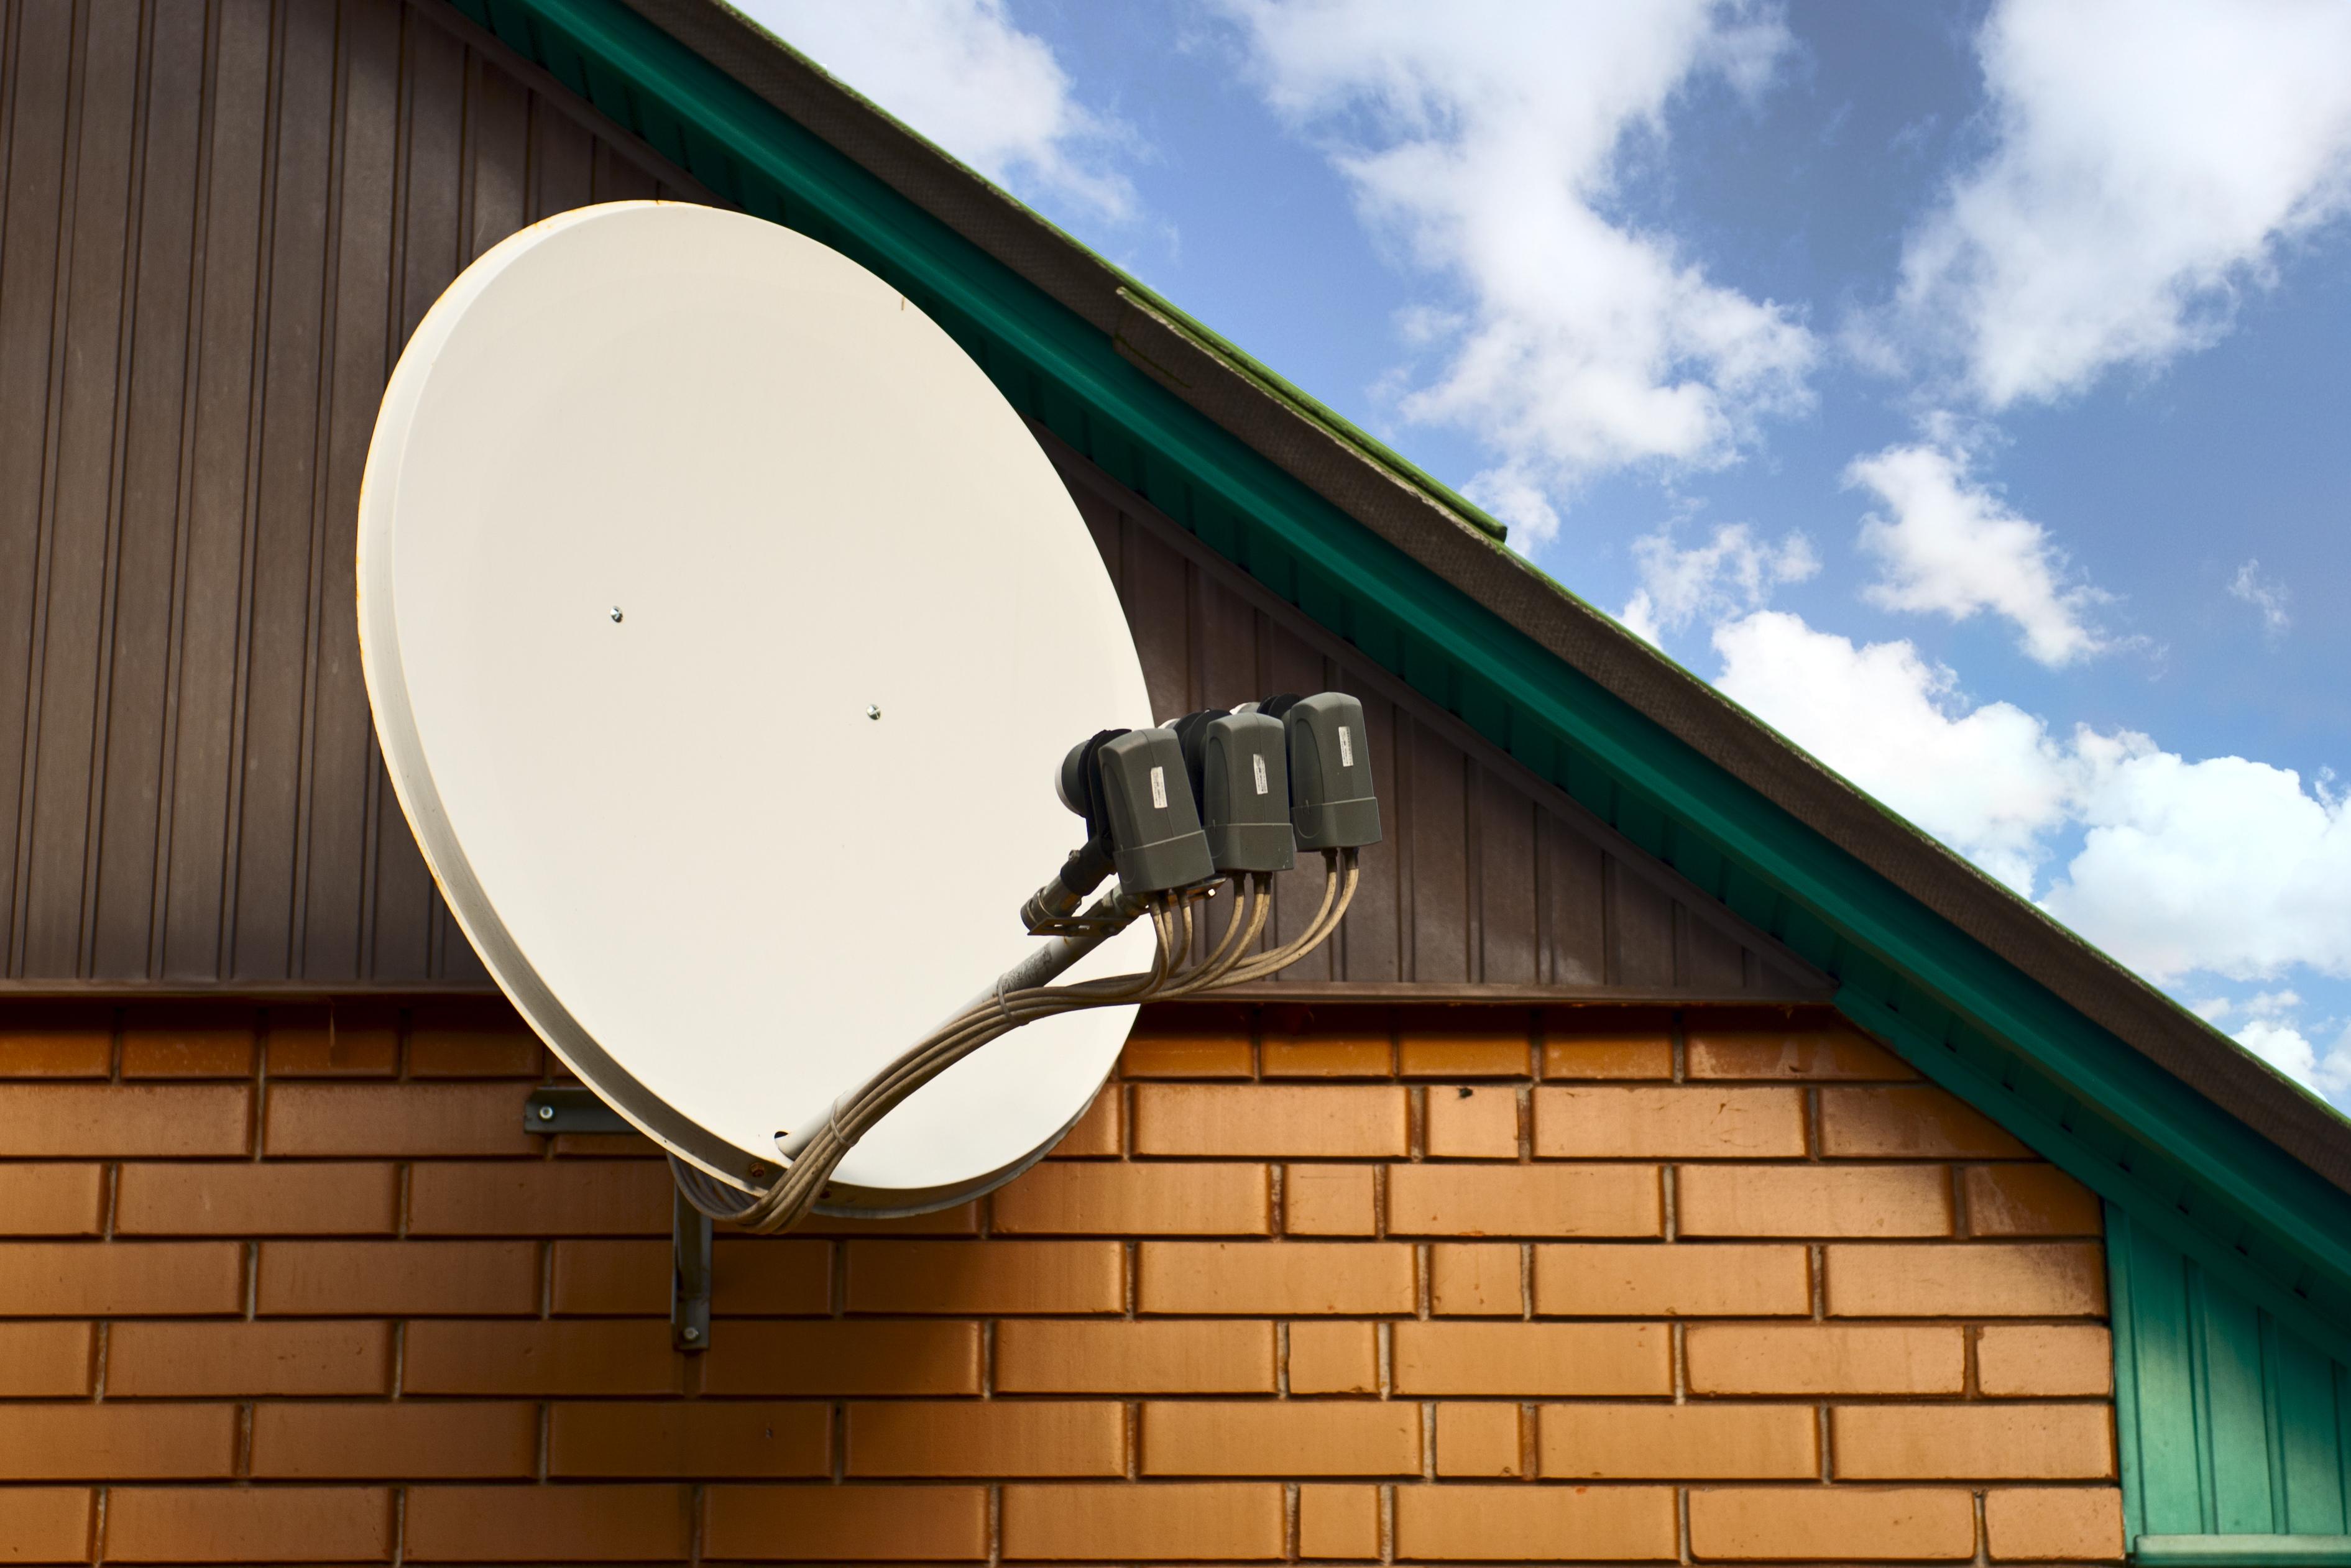 Satellitenschüssel: Kosten, die Sie dafür rechnen müssen